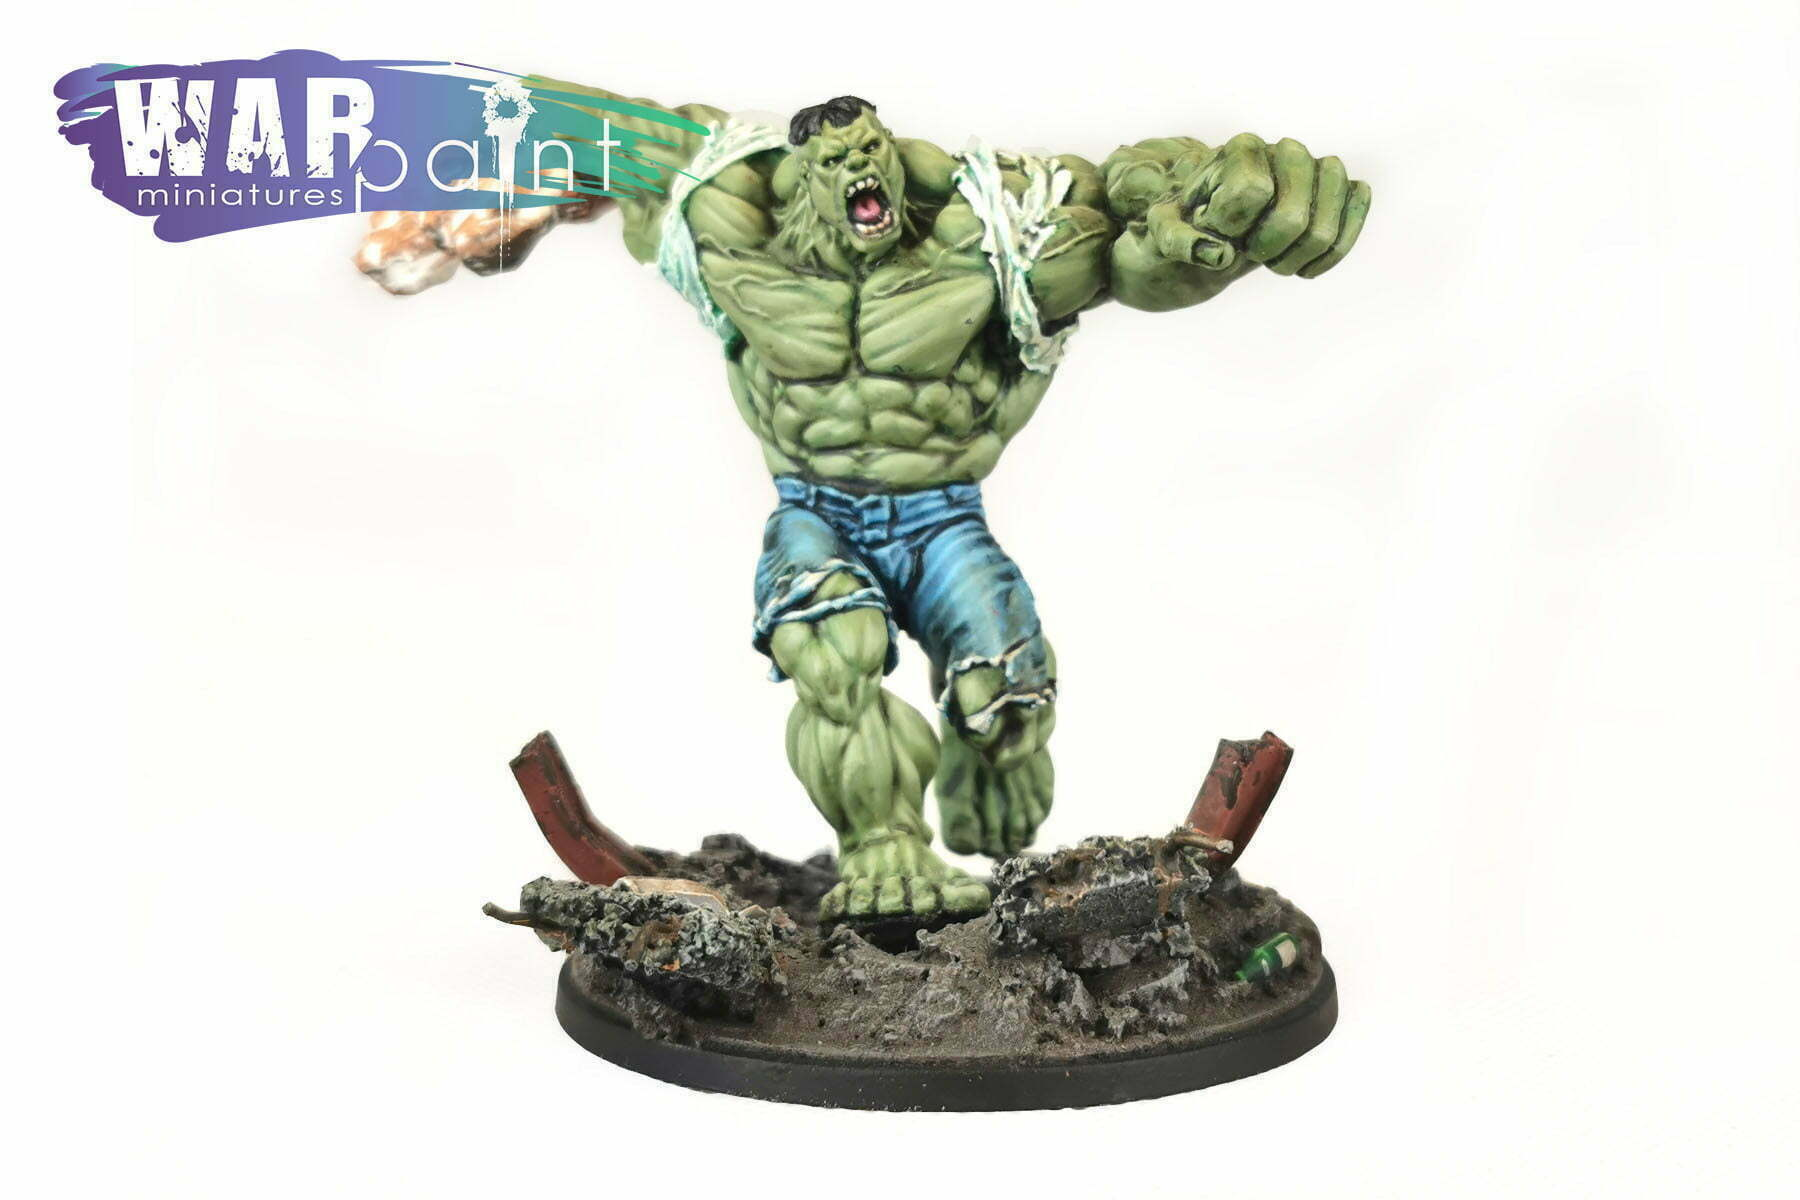 The-Hulk-web-optimised-1